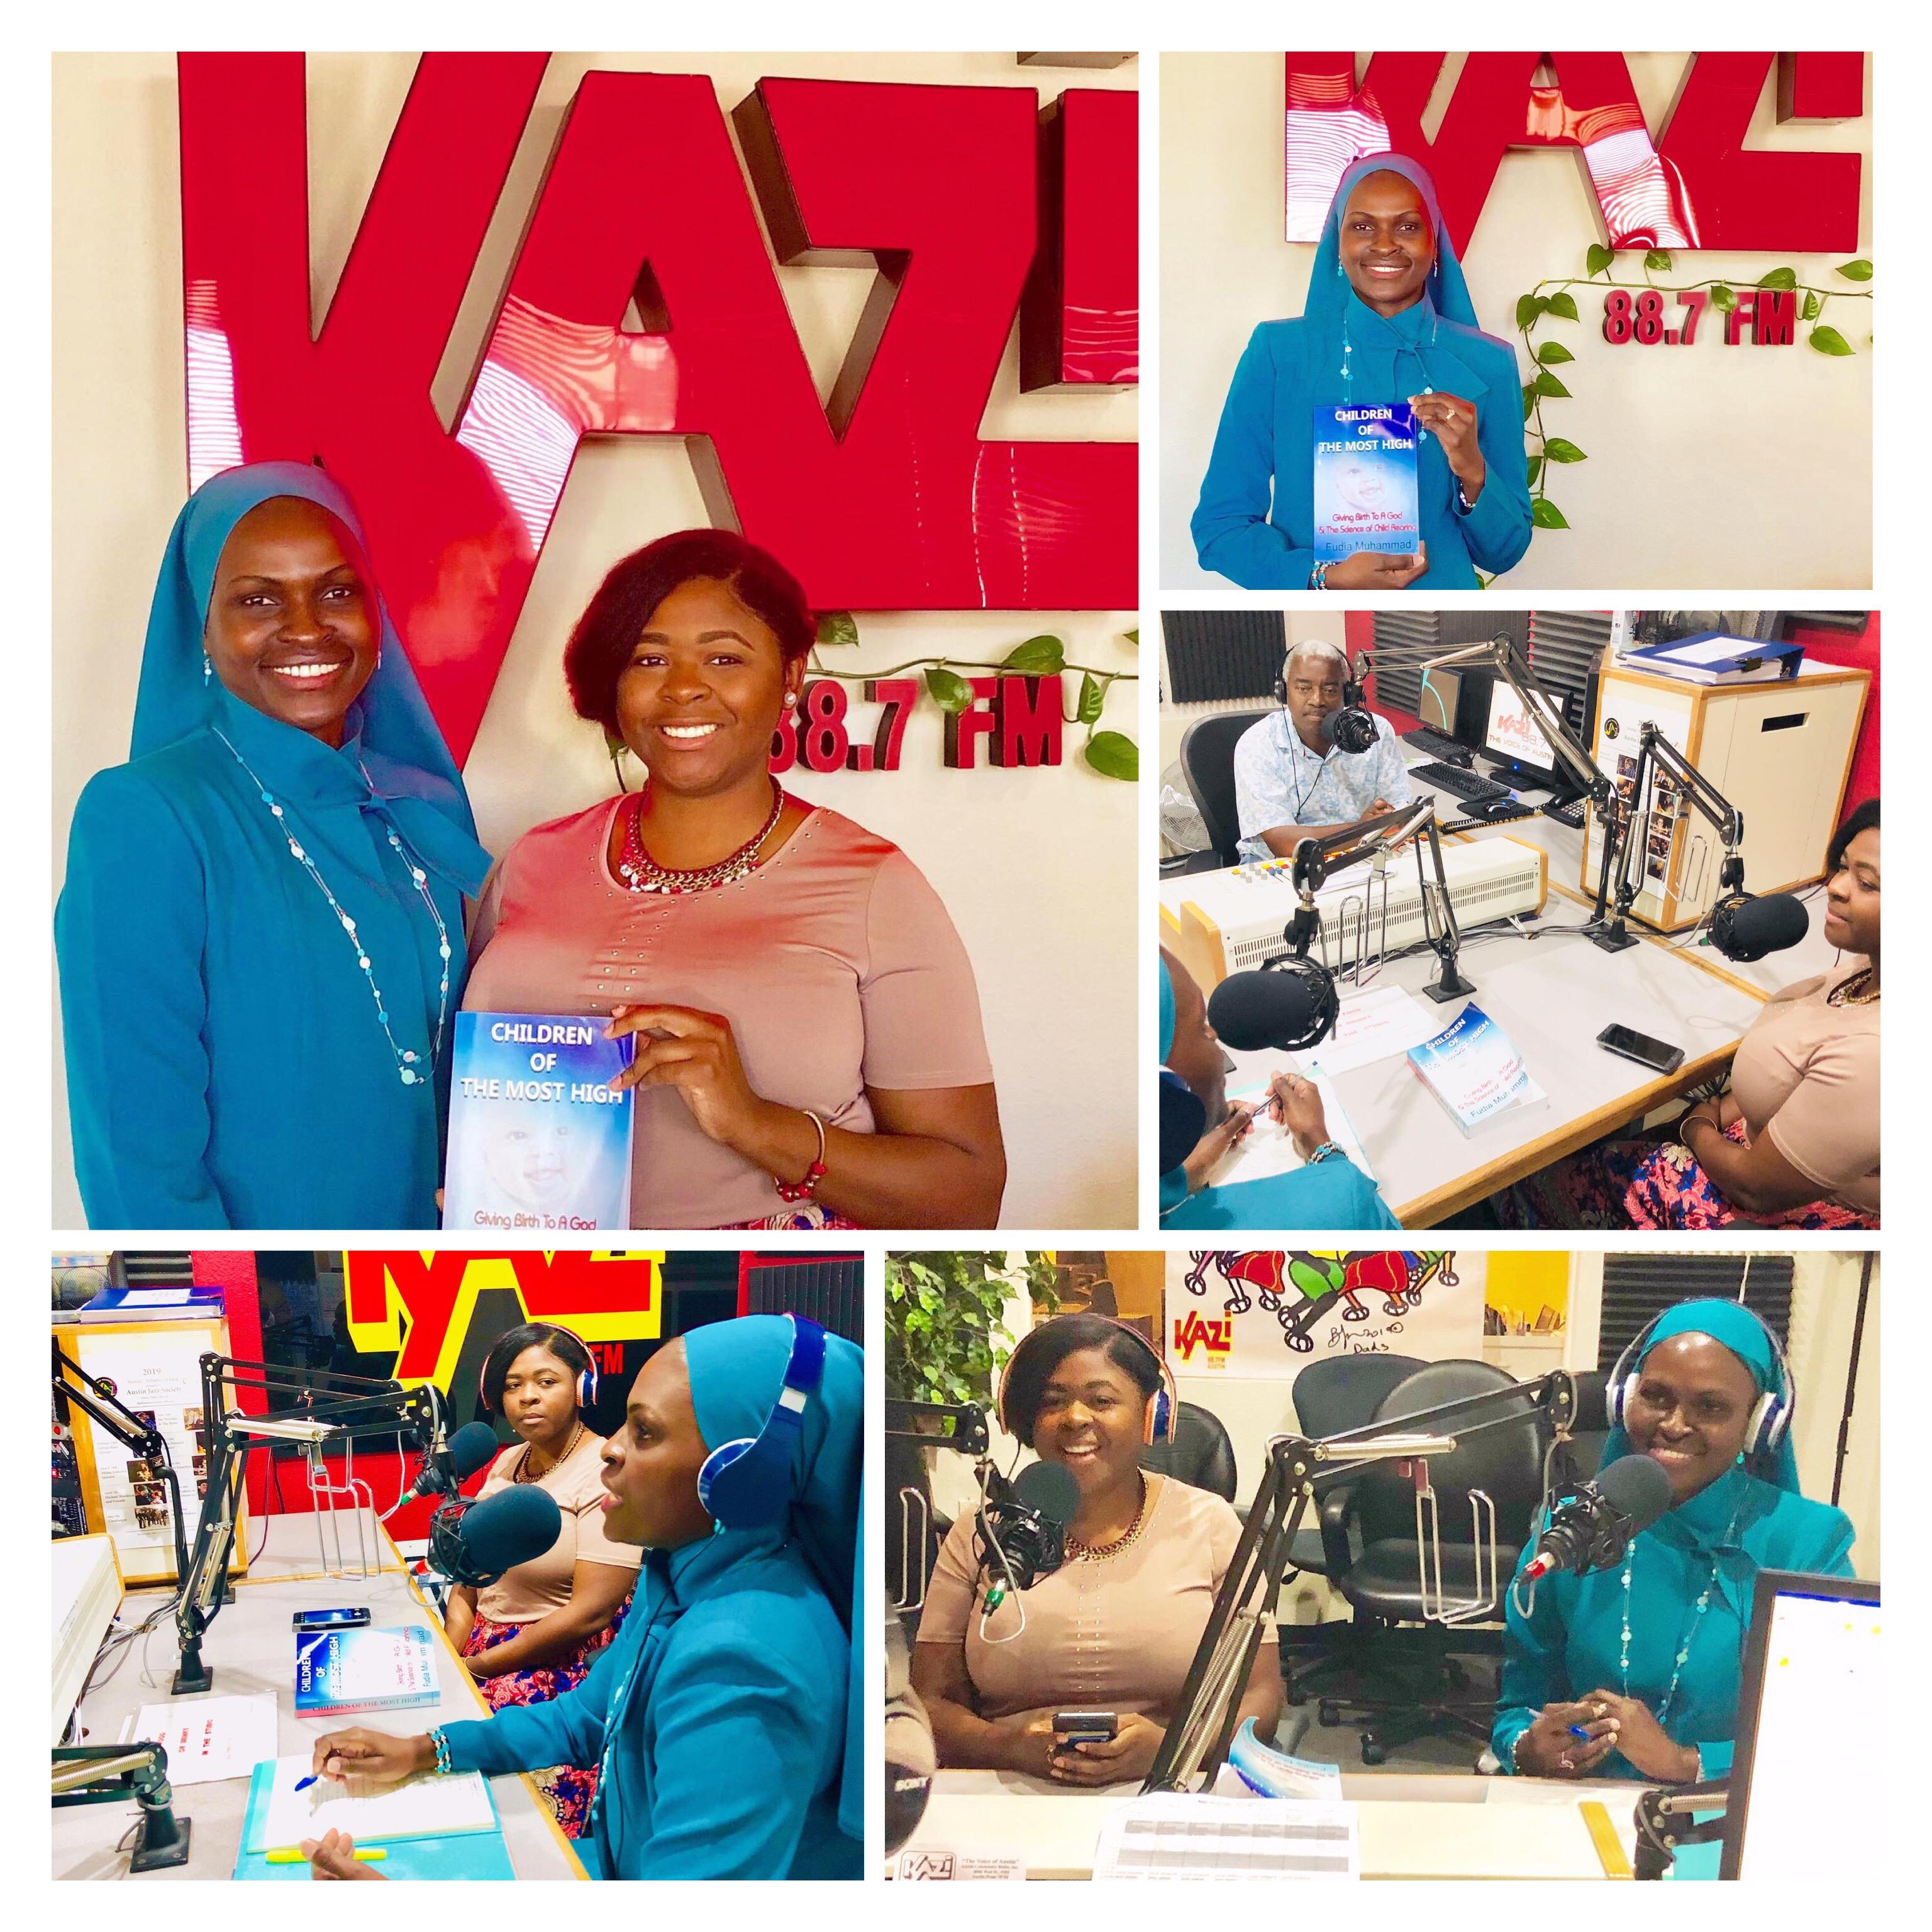 KAZI 88.7 FM Austin